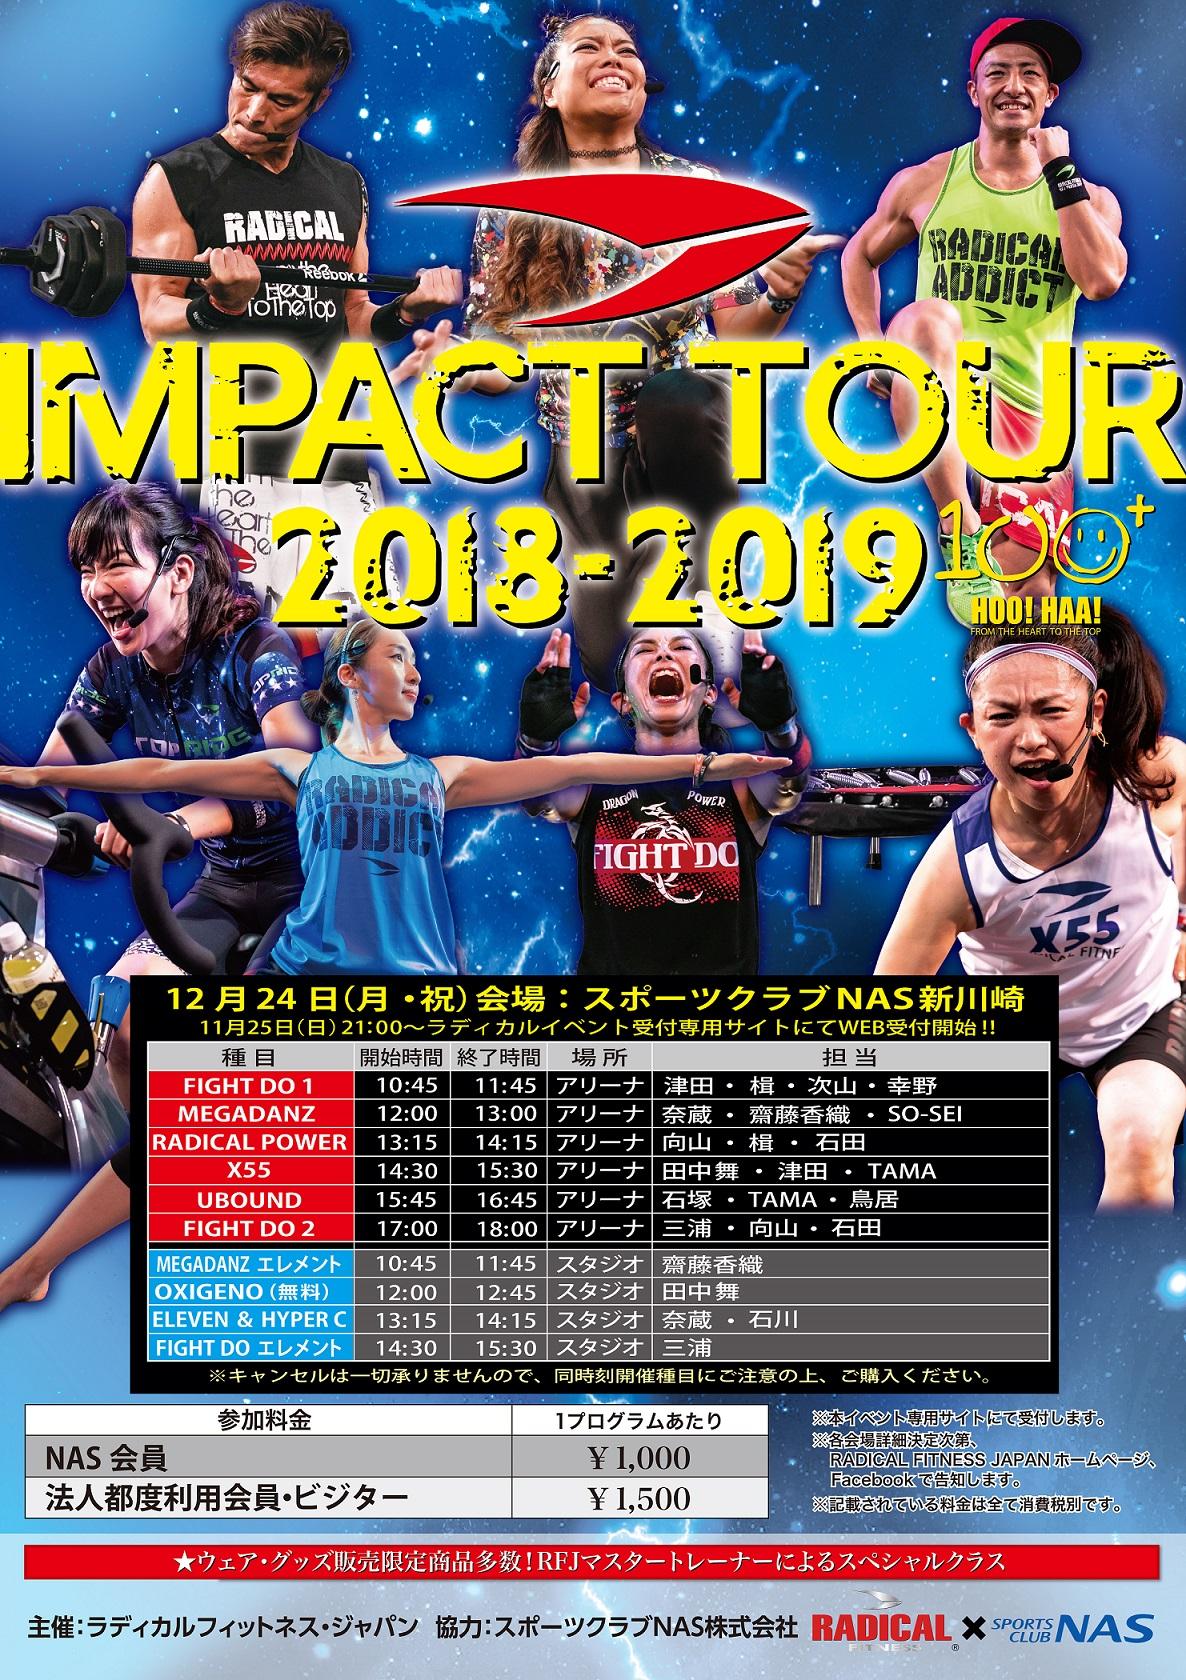 ラディカルインパクトツアー2018-2019 in NAS新川崎 NAS会員様